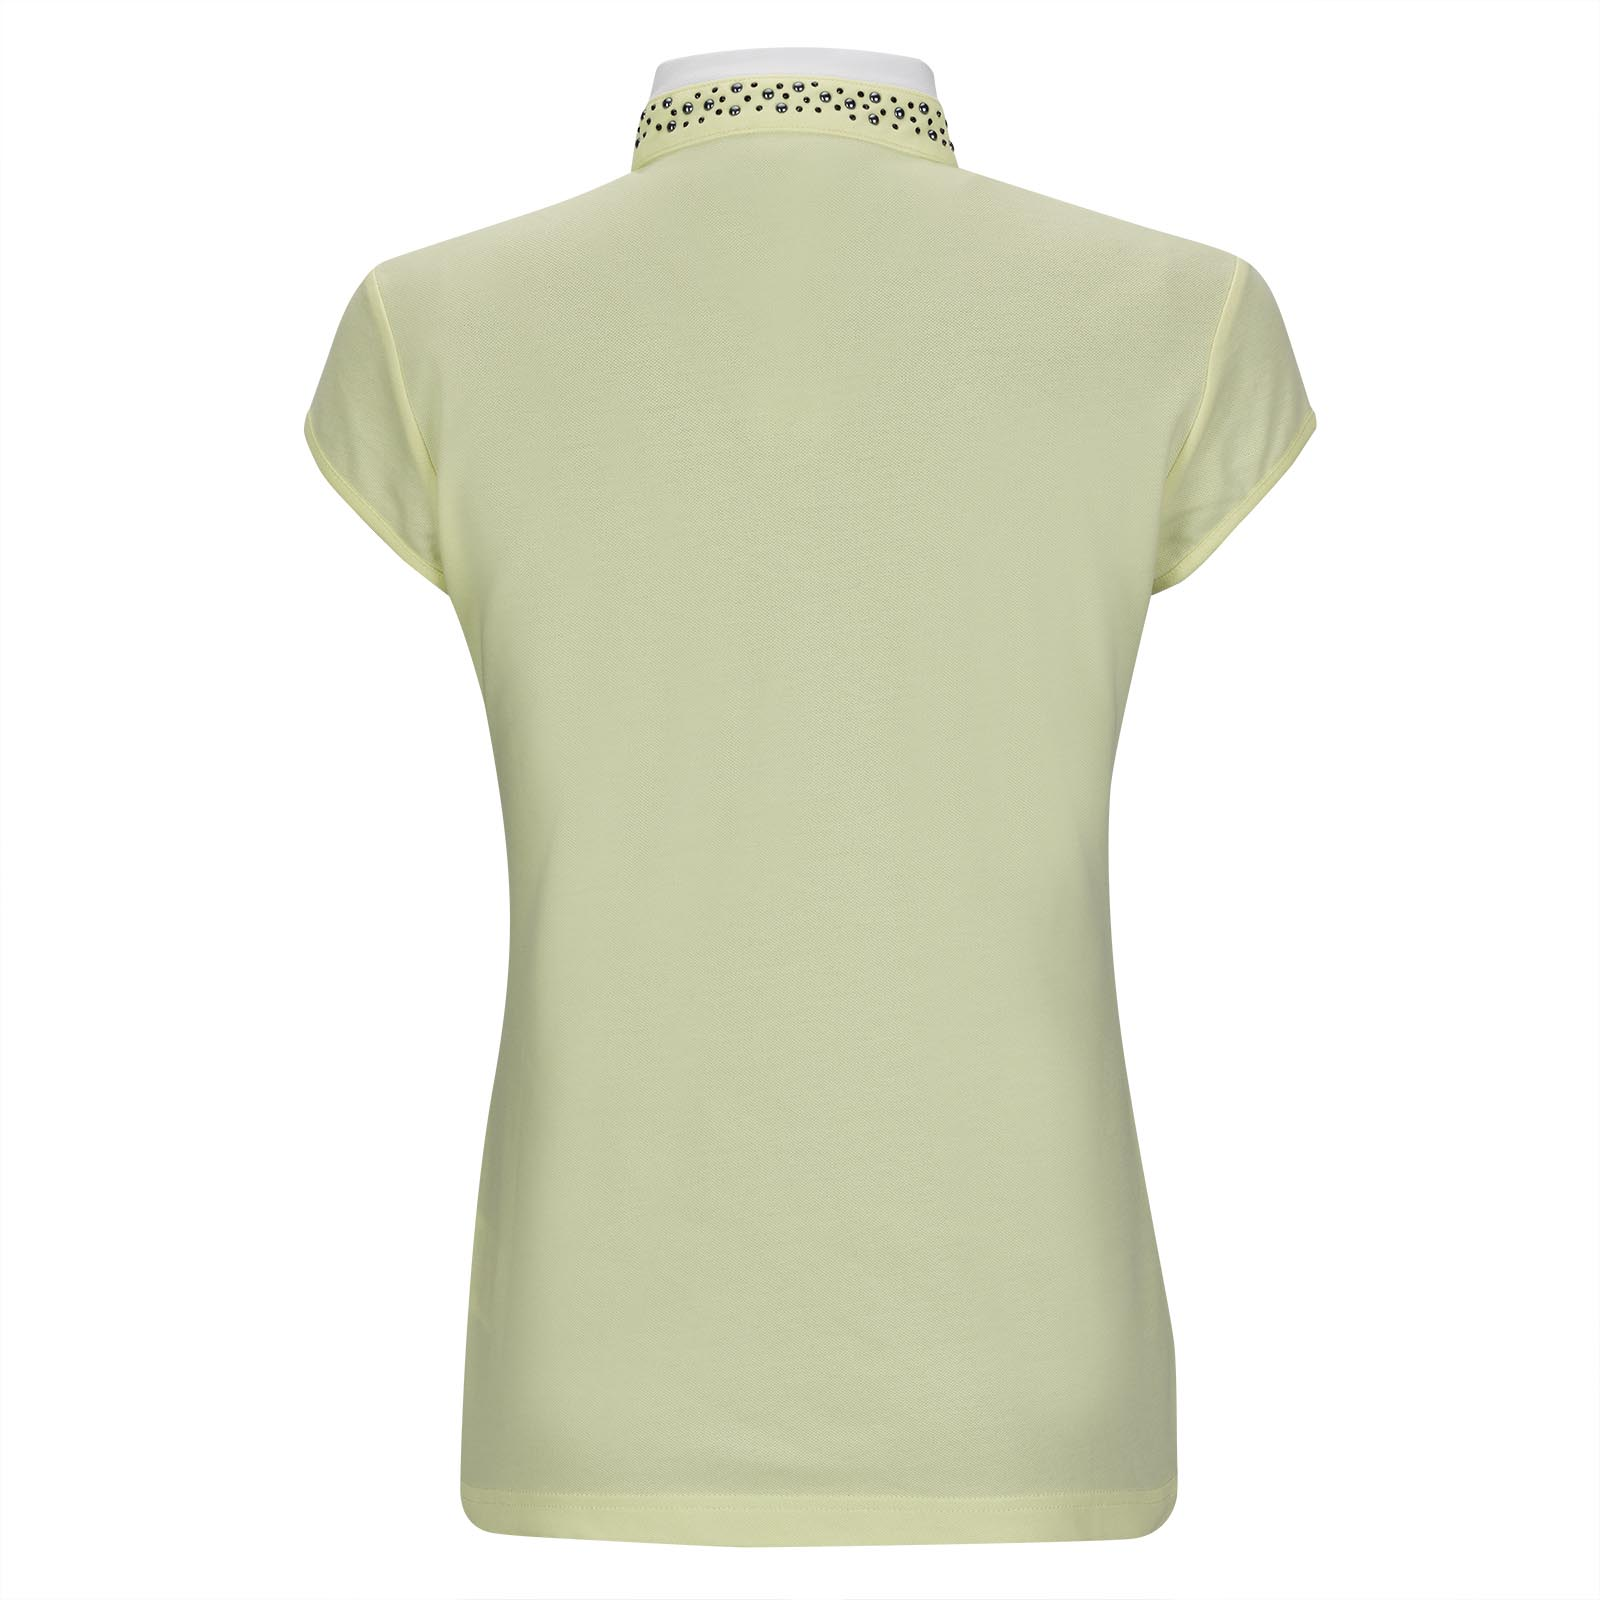 Damen Cotton-Blend Golfpolo mit Flügelärmeln und aufwendiger Applikation